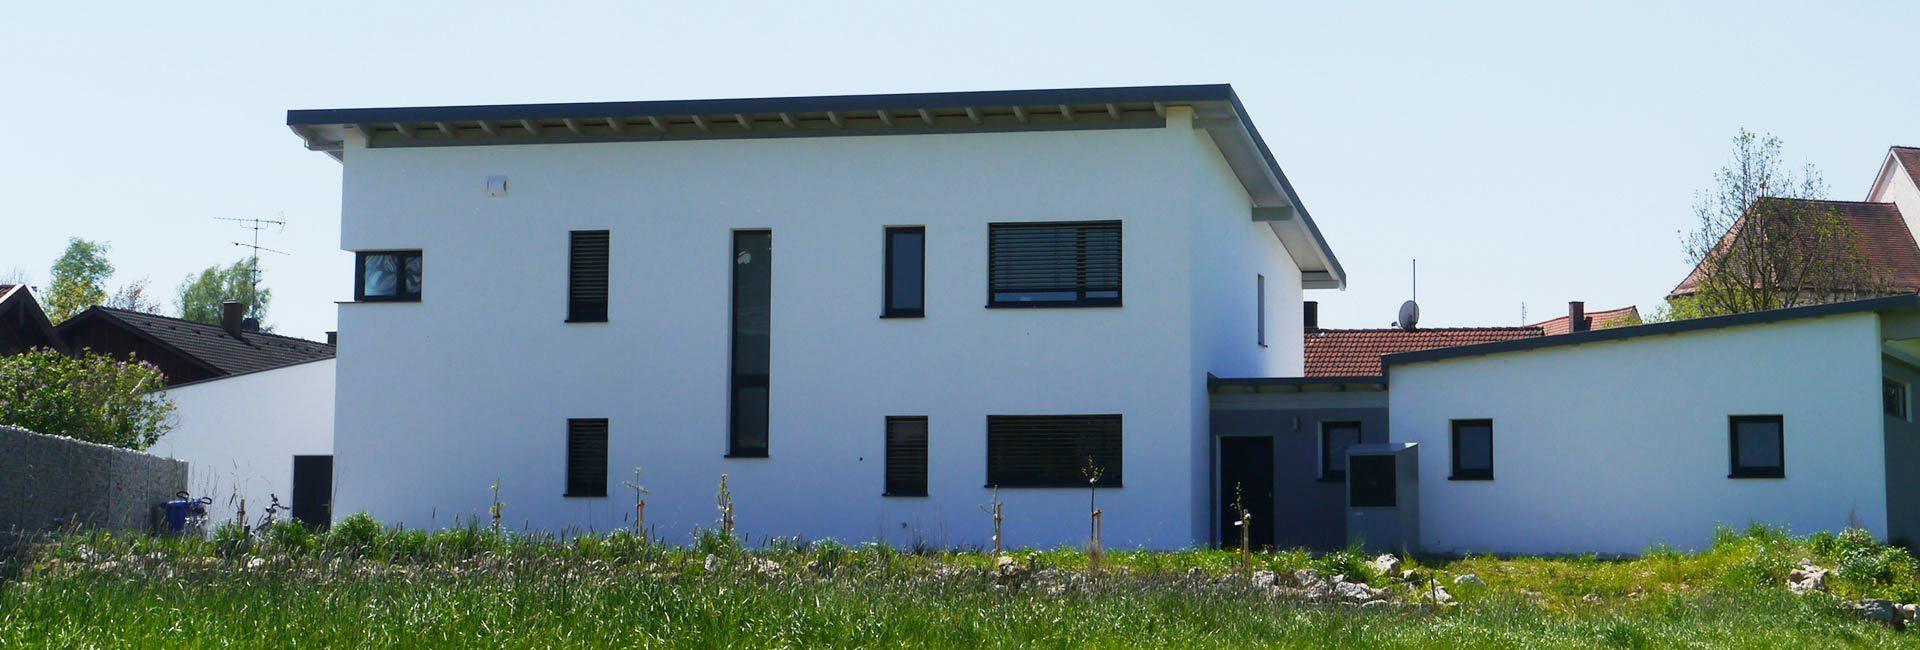 Einfamilienhaus der Duldinger Bau GmbH in Triftern